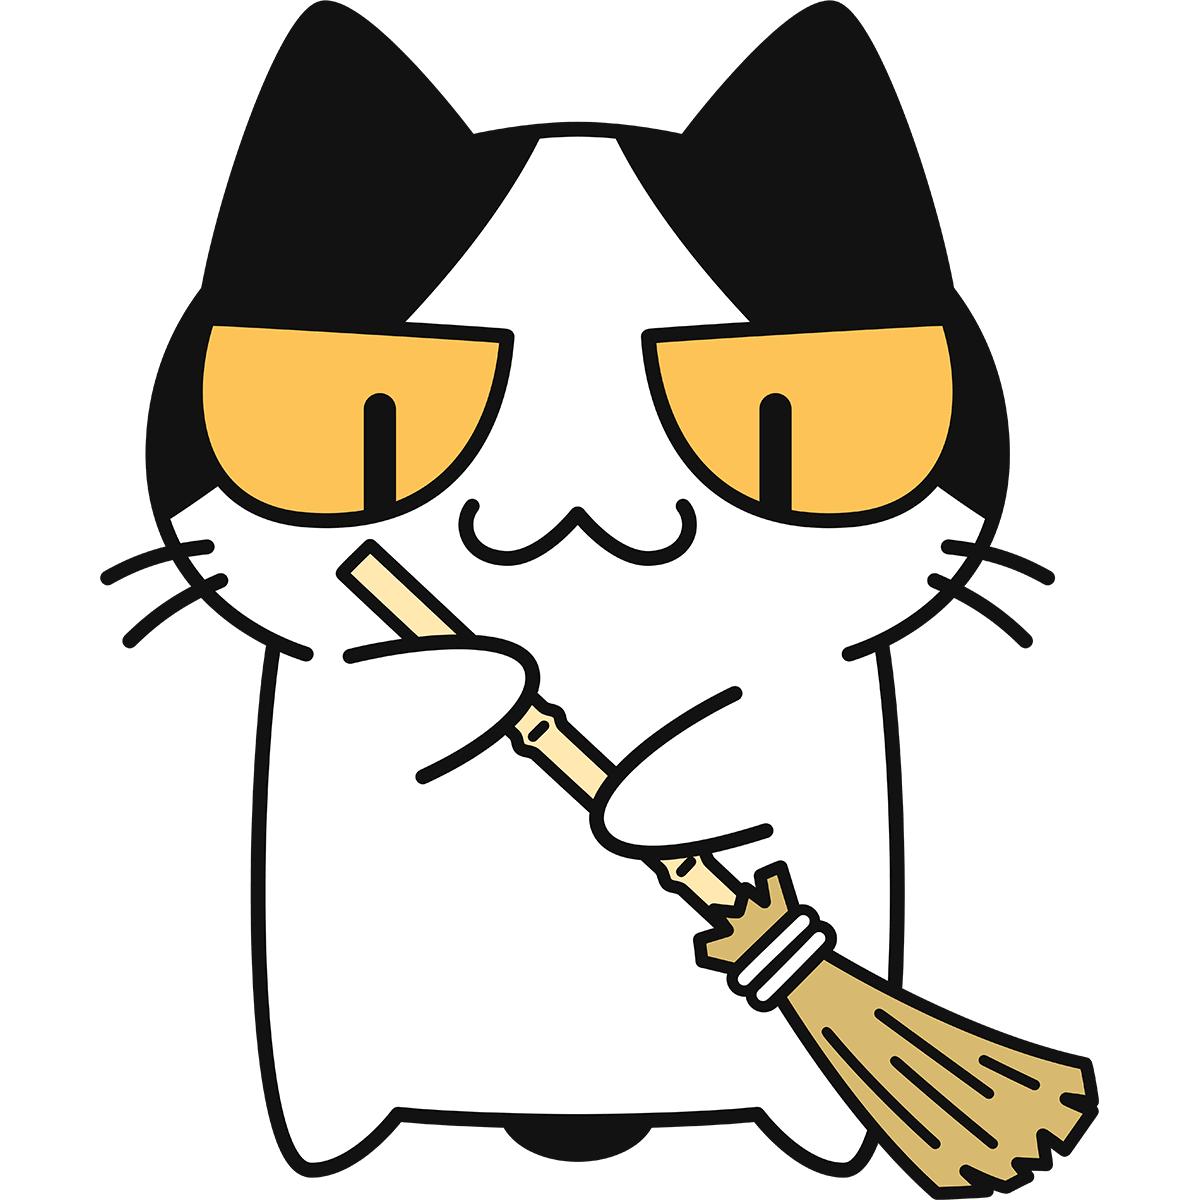 掃除する猫の無料イラスト